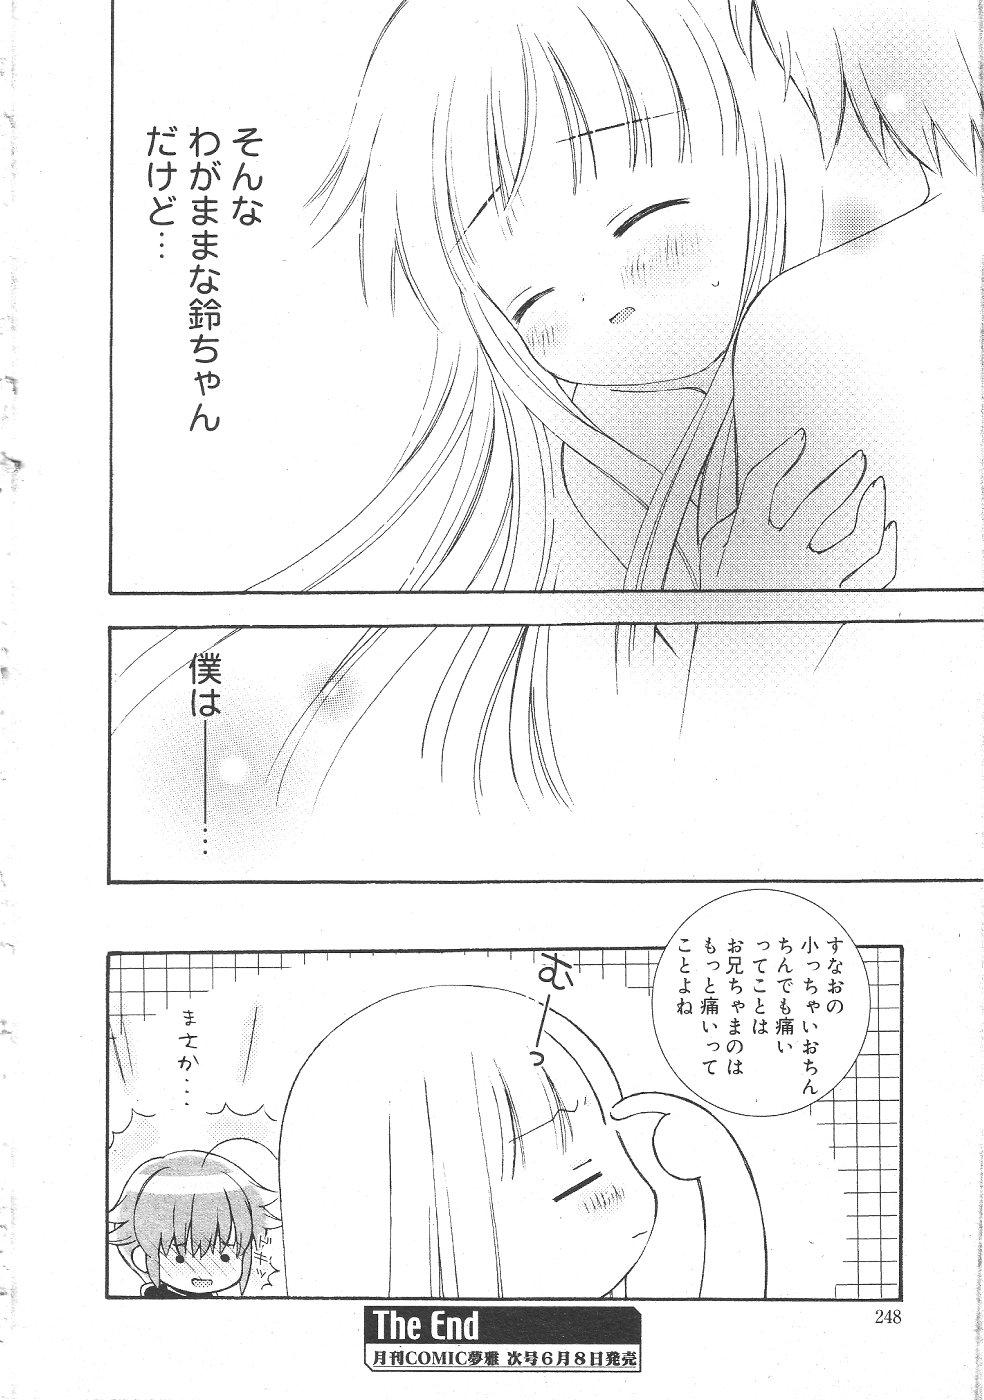 Gekkan Comic Muga 2004-06 Vol.10 251